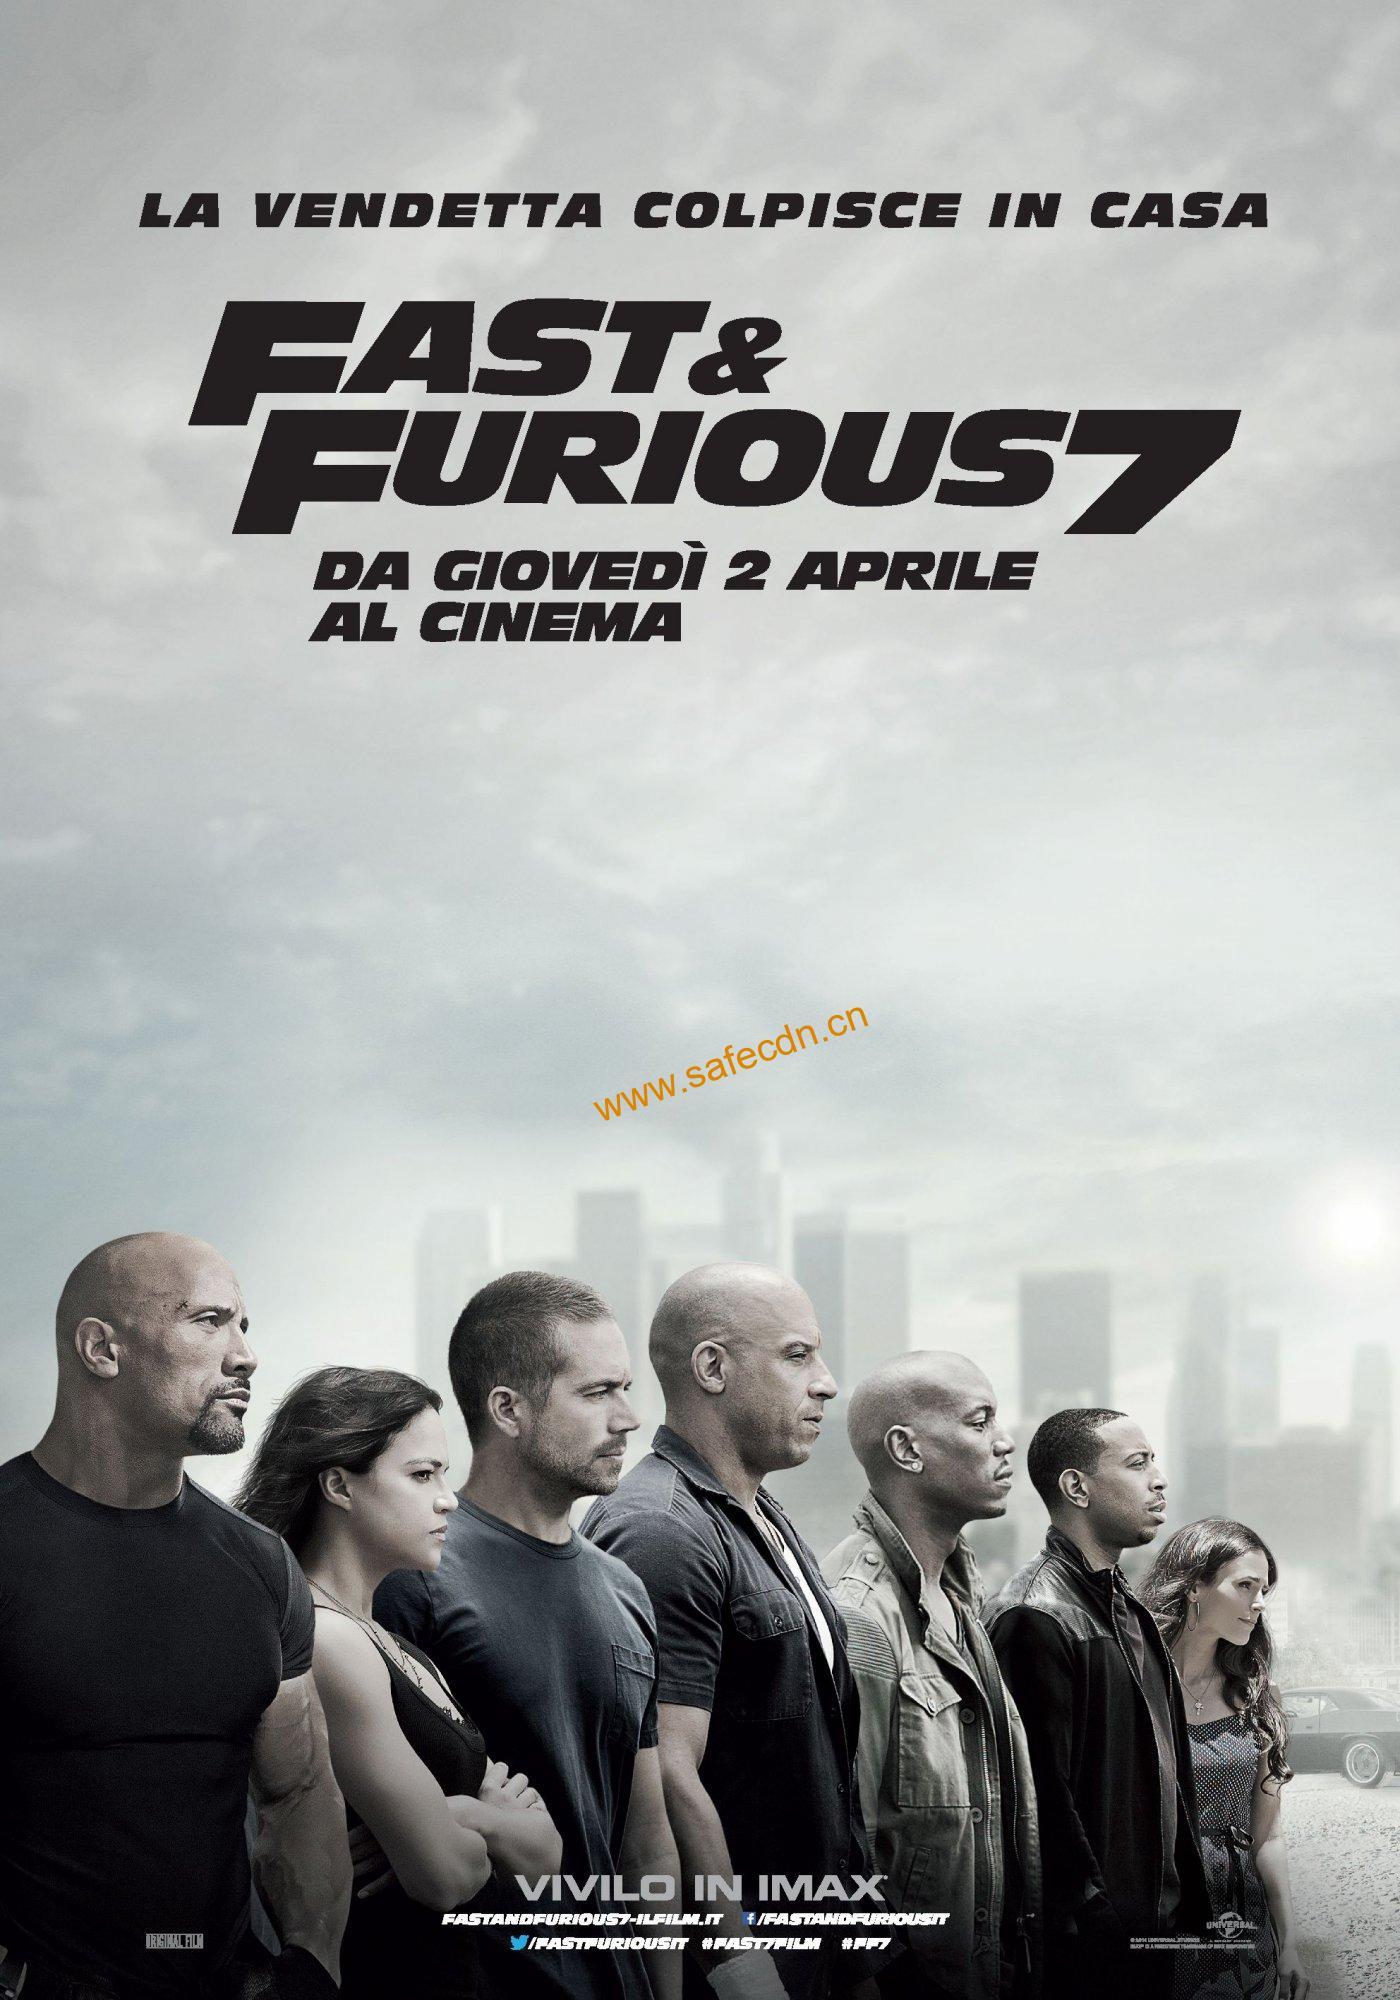 速度与激情7 蓝光原盘+高清MKV版/ 狂野时速7(港) / 玩命关头7(台) Fast & Furious 7 44.43G